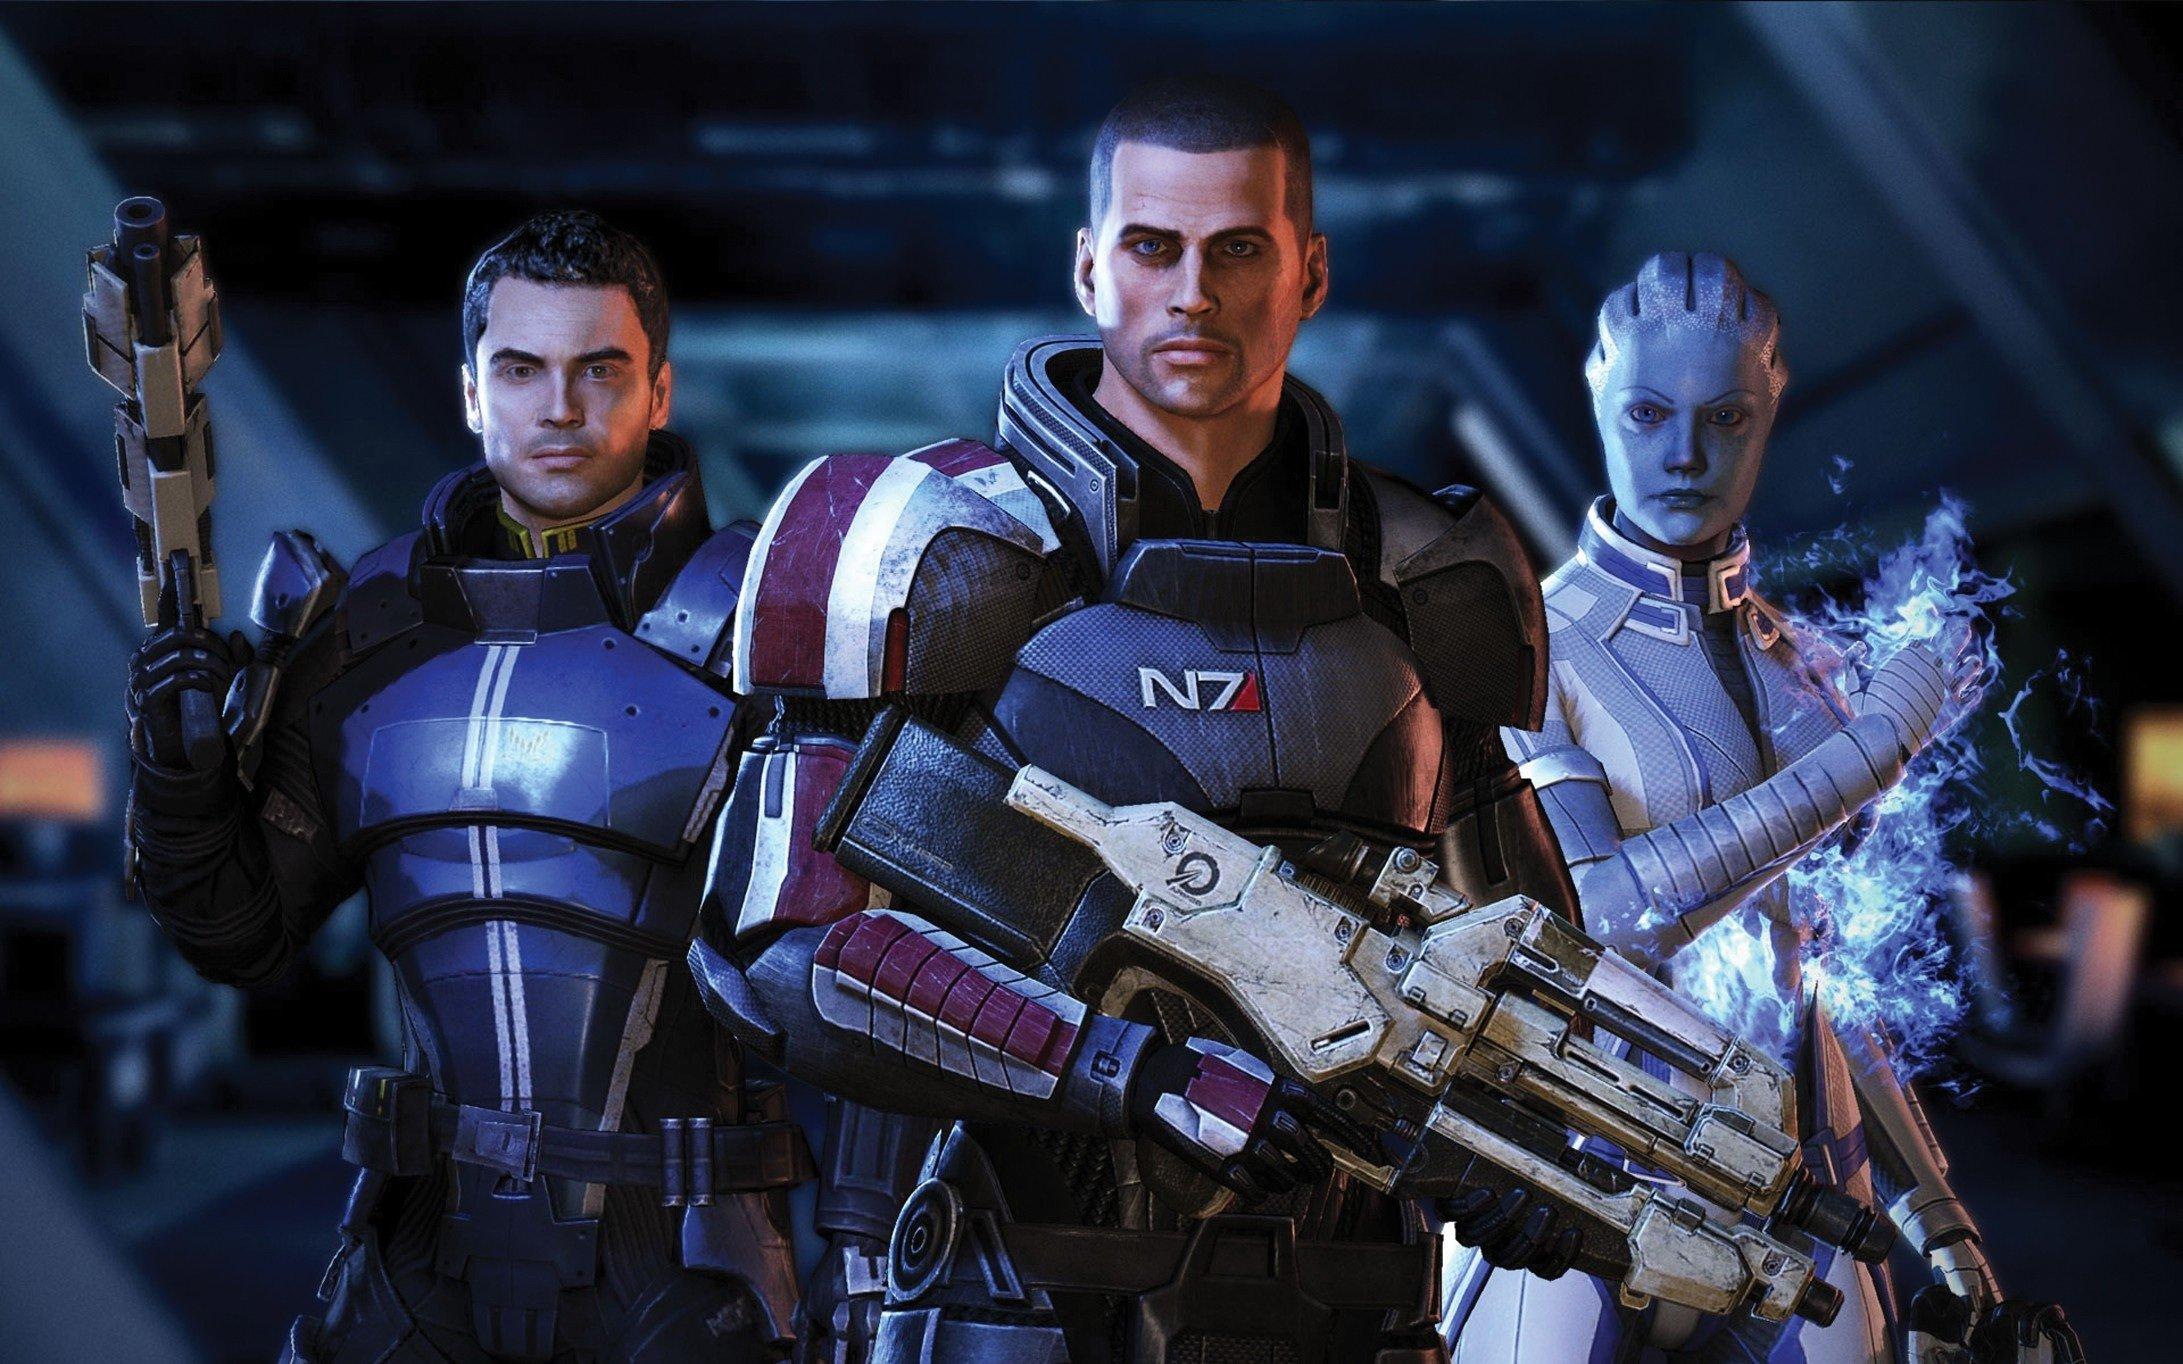 """Компании """"Dark Horse Comics"""" и """"BioWare"""" порадуют поклонников  """"Mass Effect"""" комиксом о приключениях главного героя  ... - Изображение 1"""